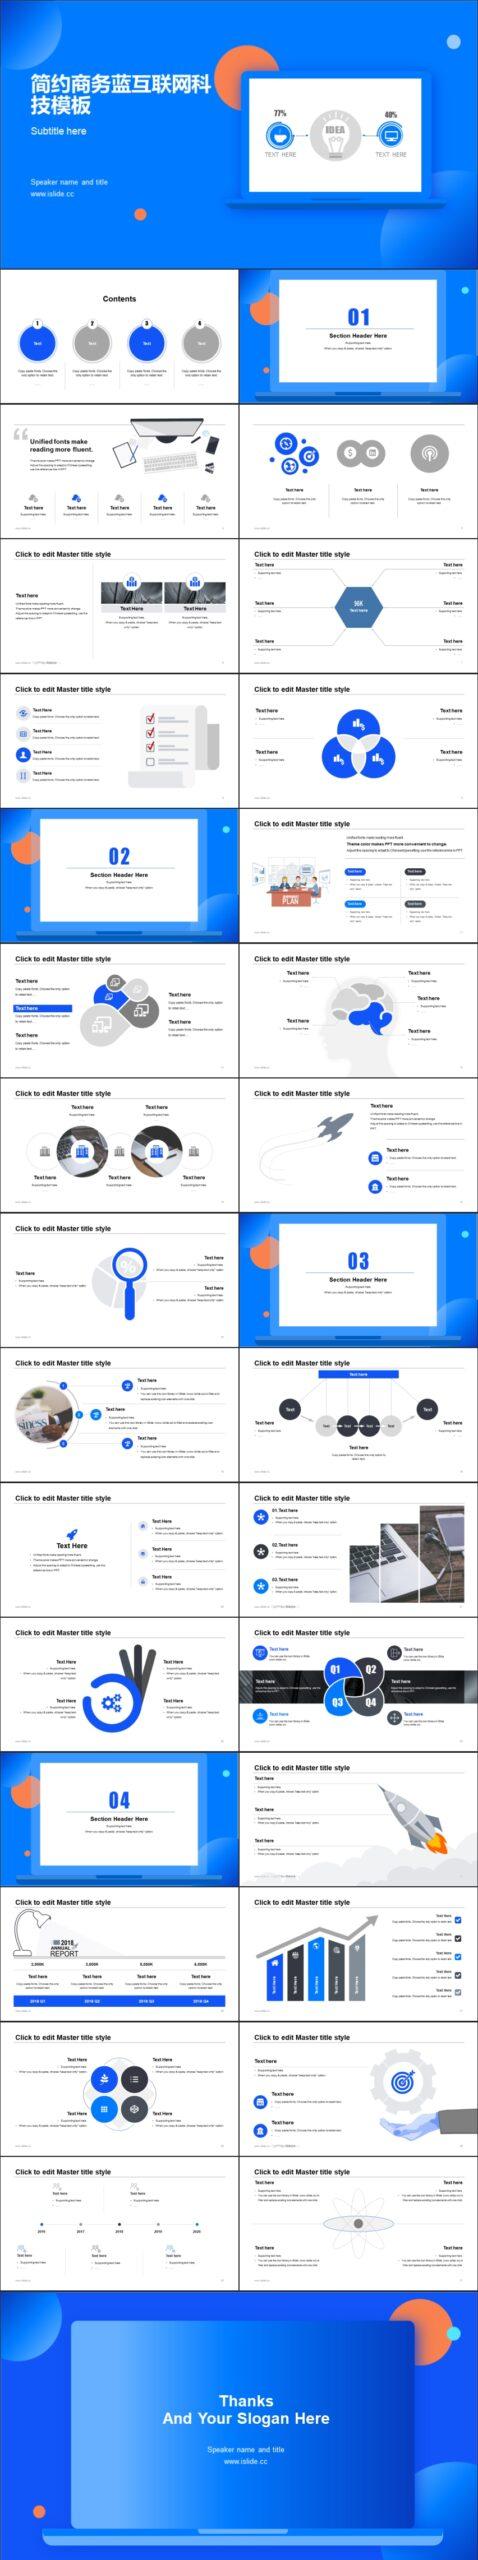 简约商务蓝色多功能PPT模板_预览图2